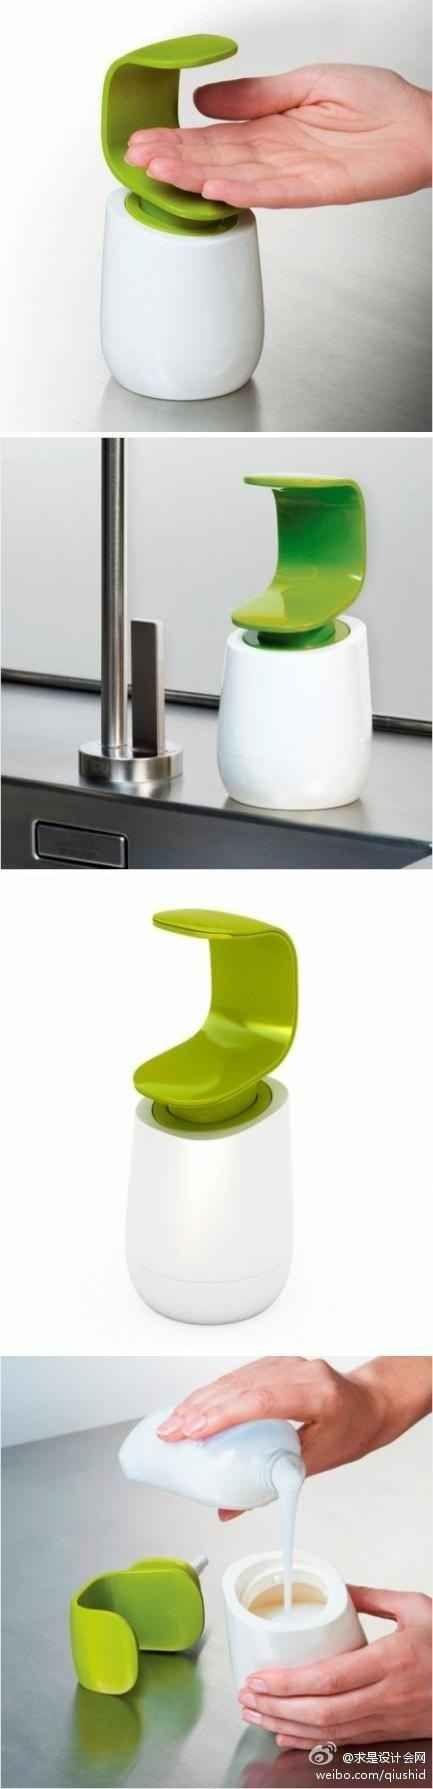 Este dispensador de jabón mantiene todos los gérmenes de sus dedos sucios fuera del dosificador. | 33 Productos ingeniosamente diseñados que necesitas en tu vida